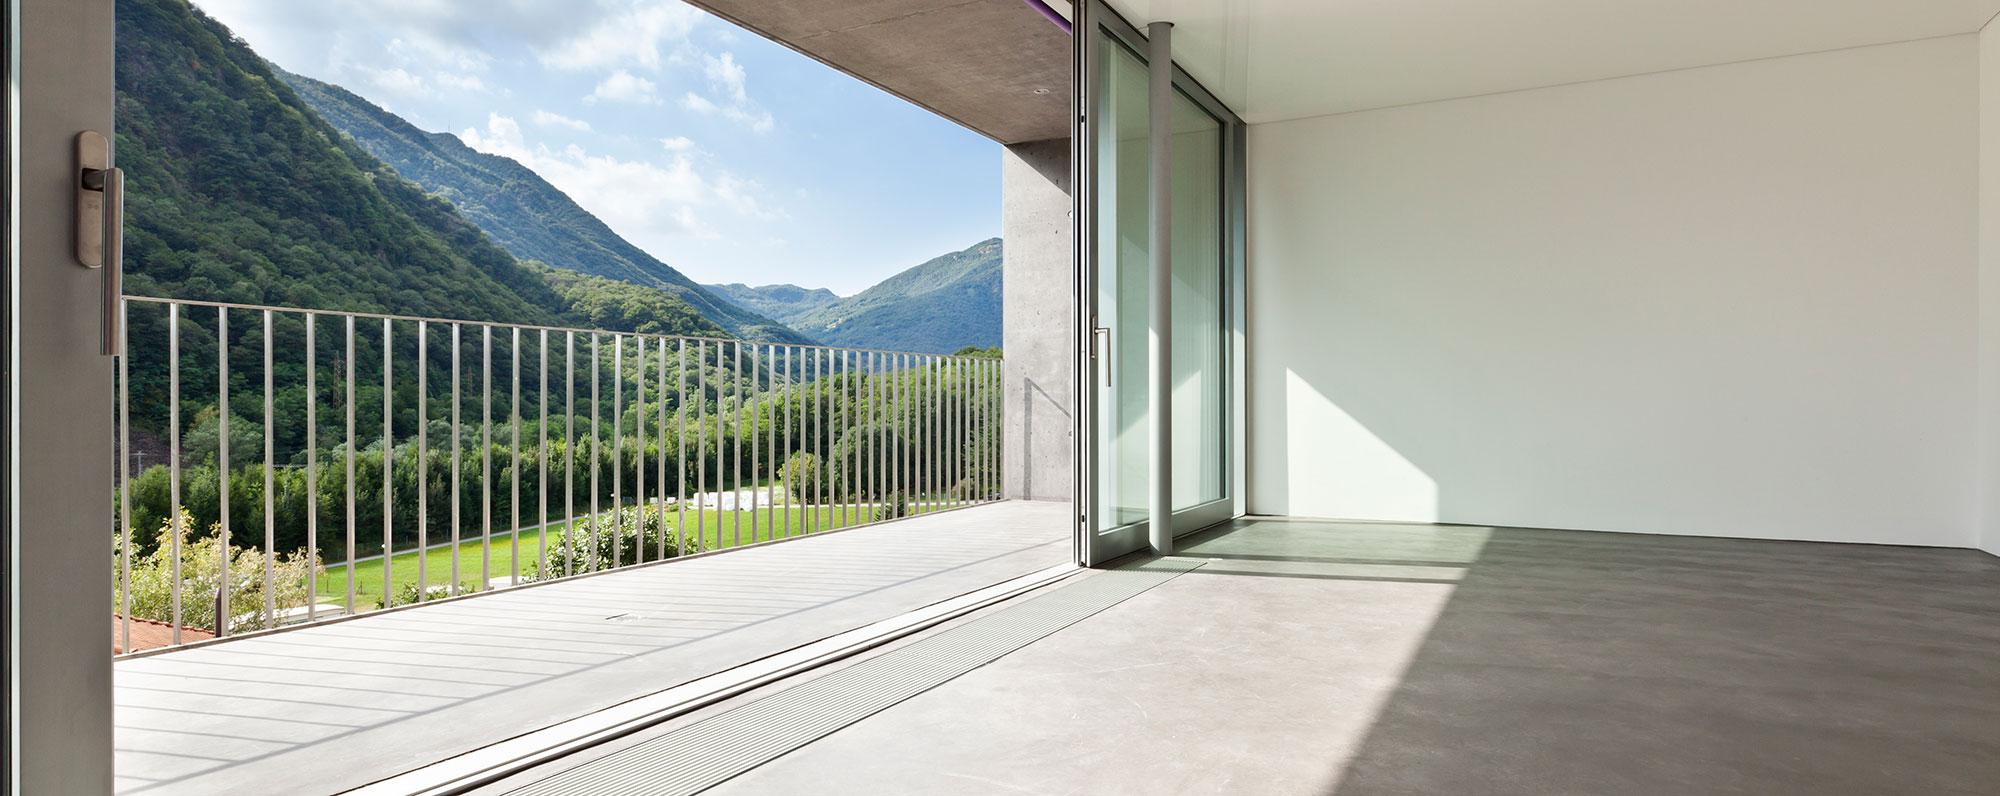 Раздвижные алюминиевые окна от производителя